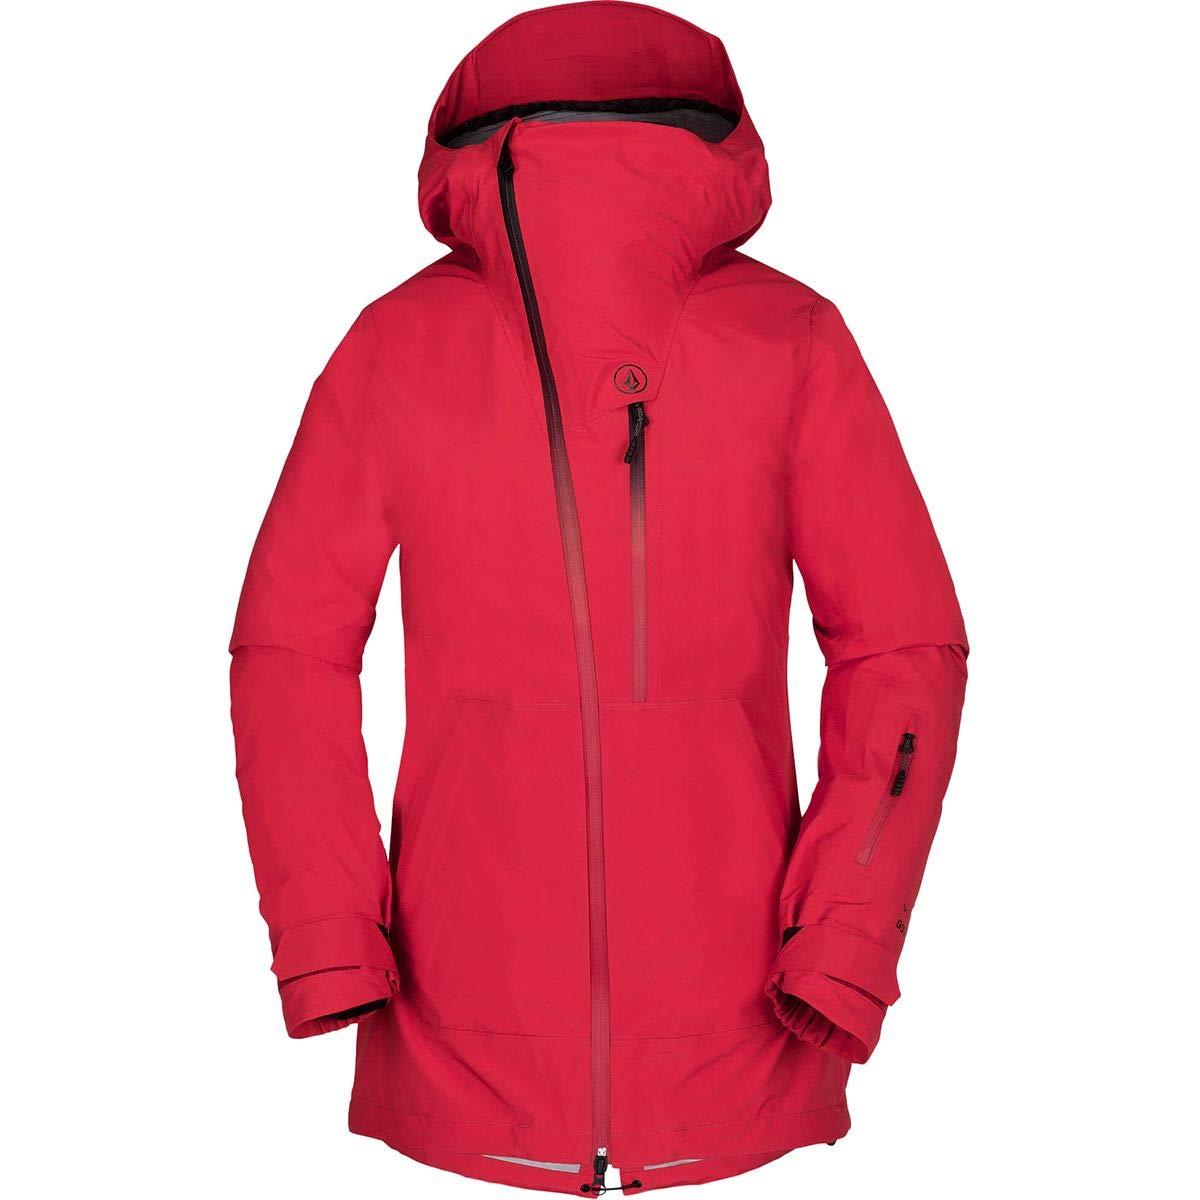 (ボルコム) Volcom Nya TDS Gore-Tex Jacket レディース ジャケットCrimson [並行輸入品] Crimson 日本サイズ L相当 (US M)